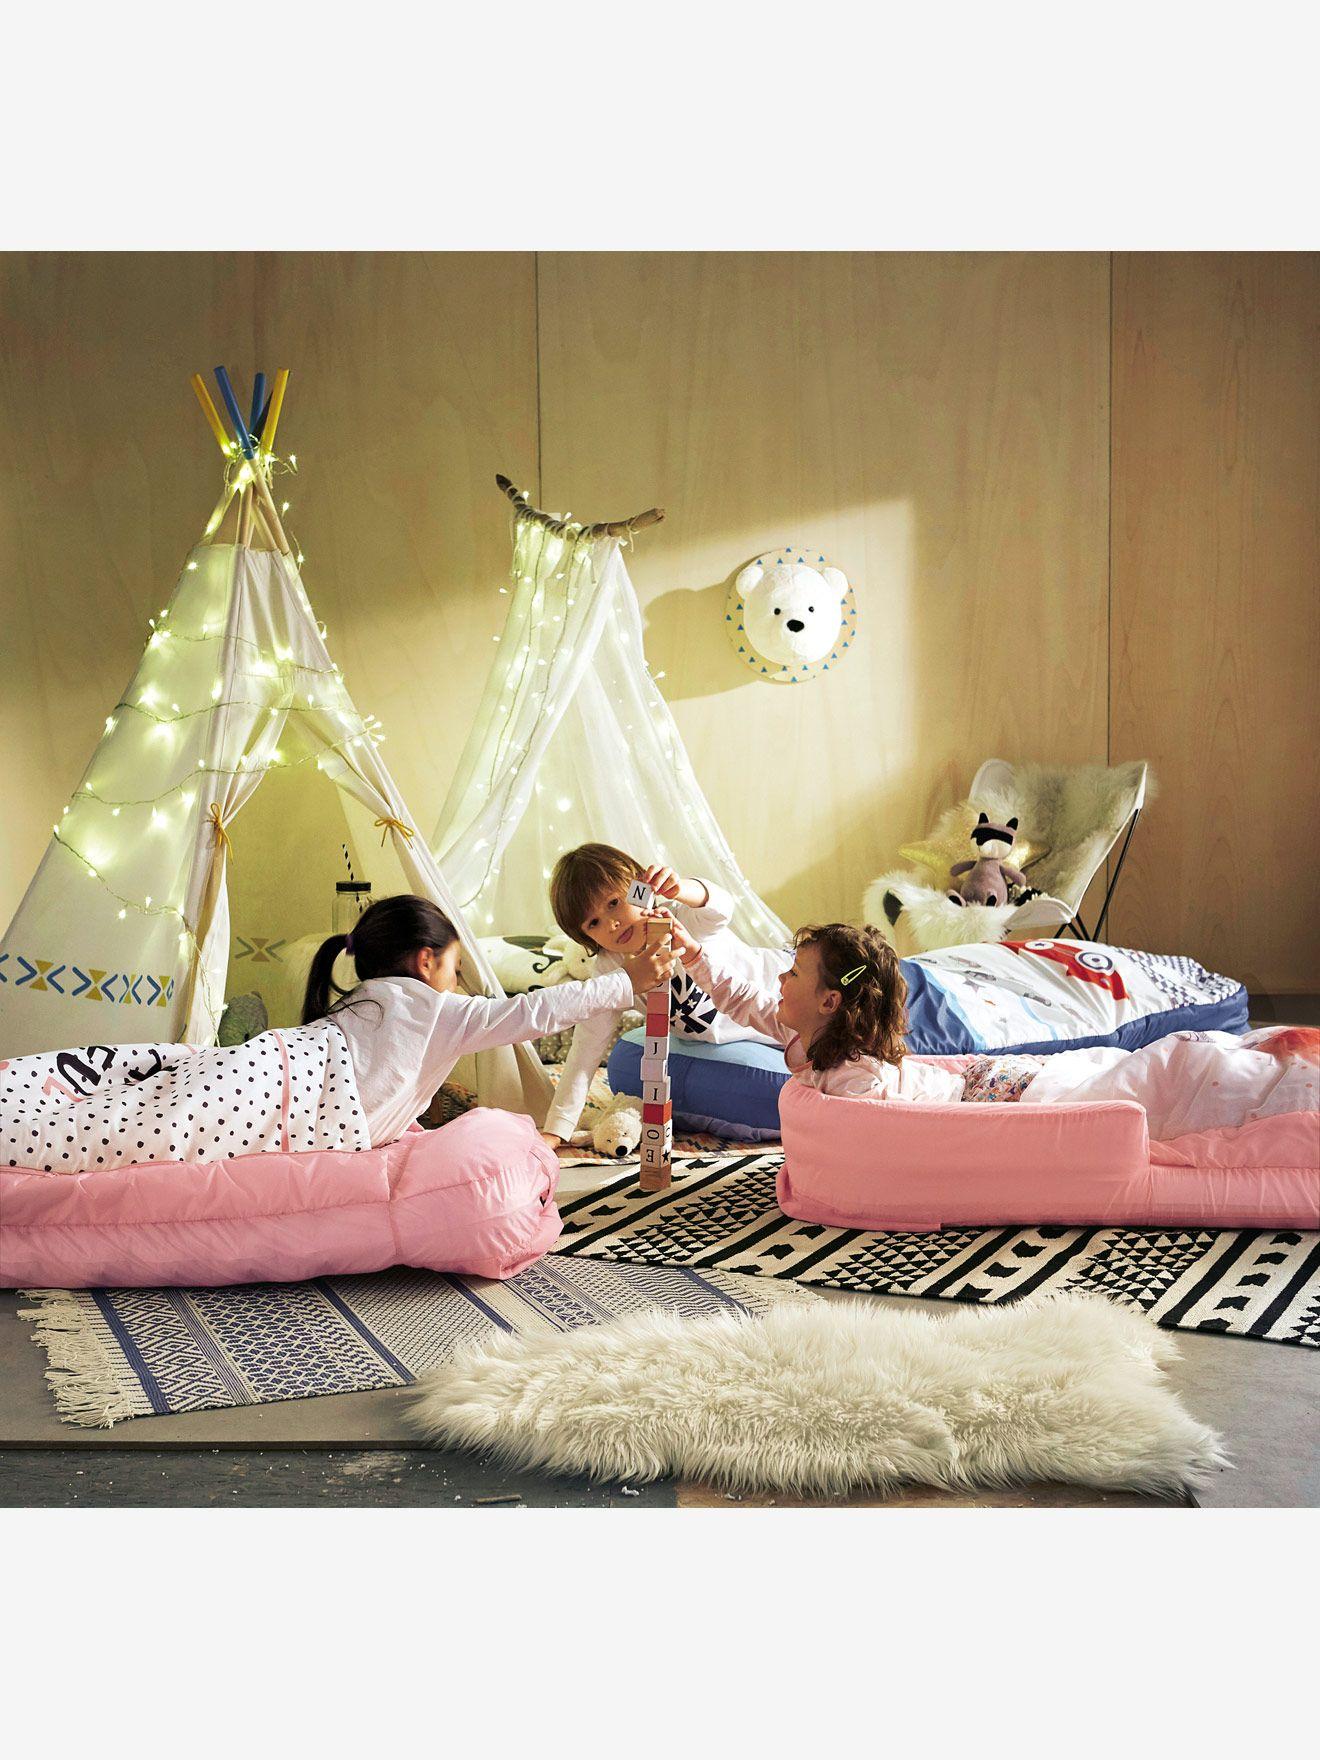 ing nieux ce pr t dormir emporter en voyage ou. Black Bedroom Furniture Sets. Home Design Ideas